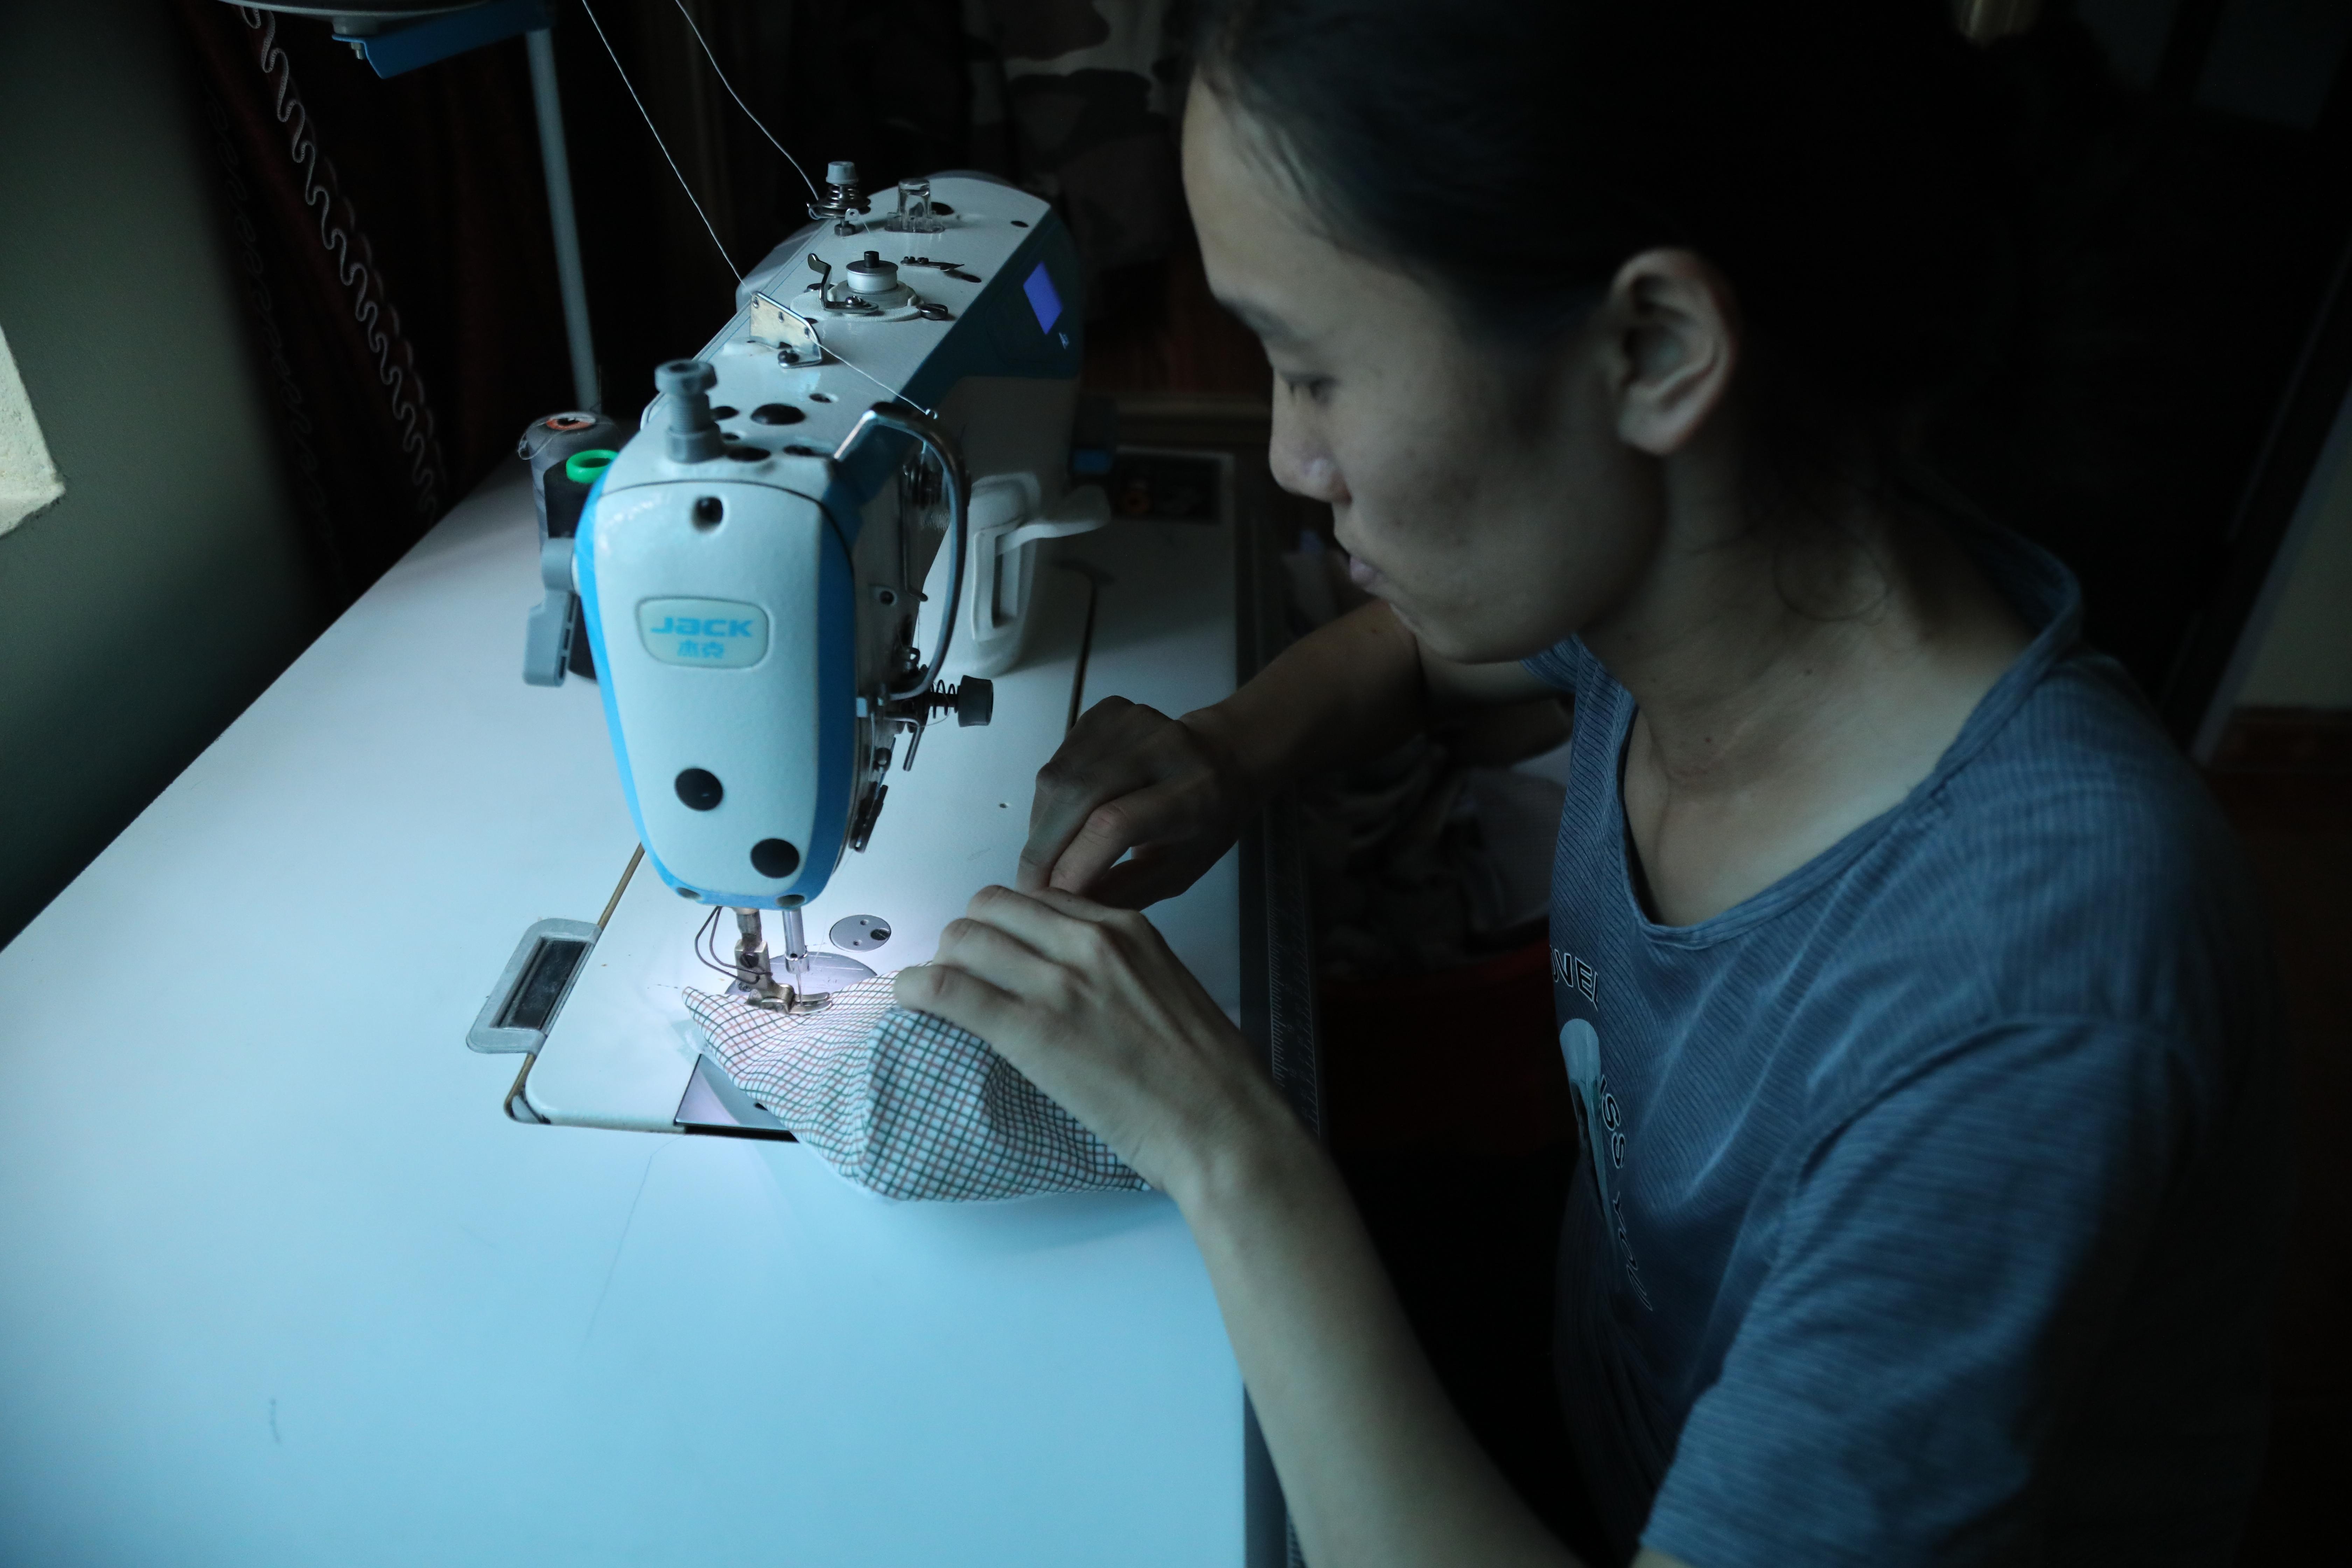 Chị Vũ Thị Tuyết bên chiếc máy khâu do Mặt trận trao tặng. Ảnh: Quang Vinh.